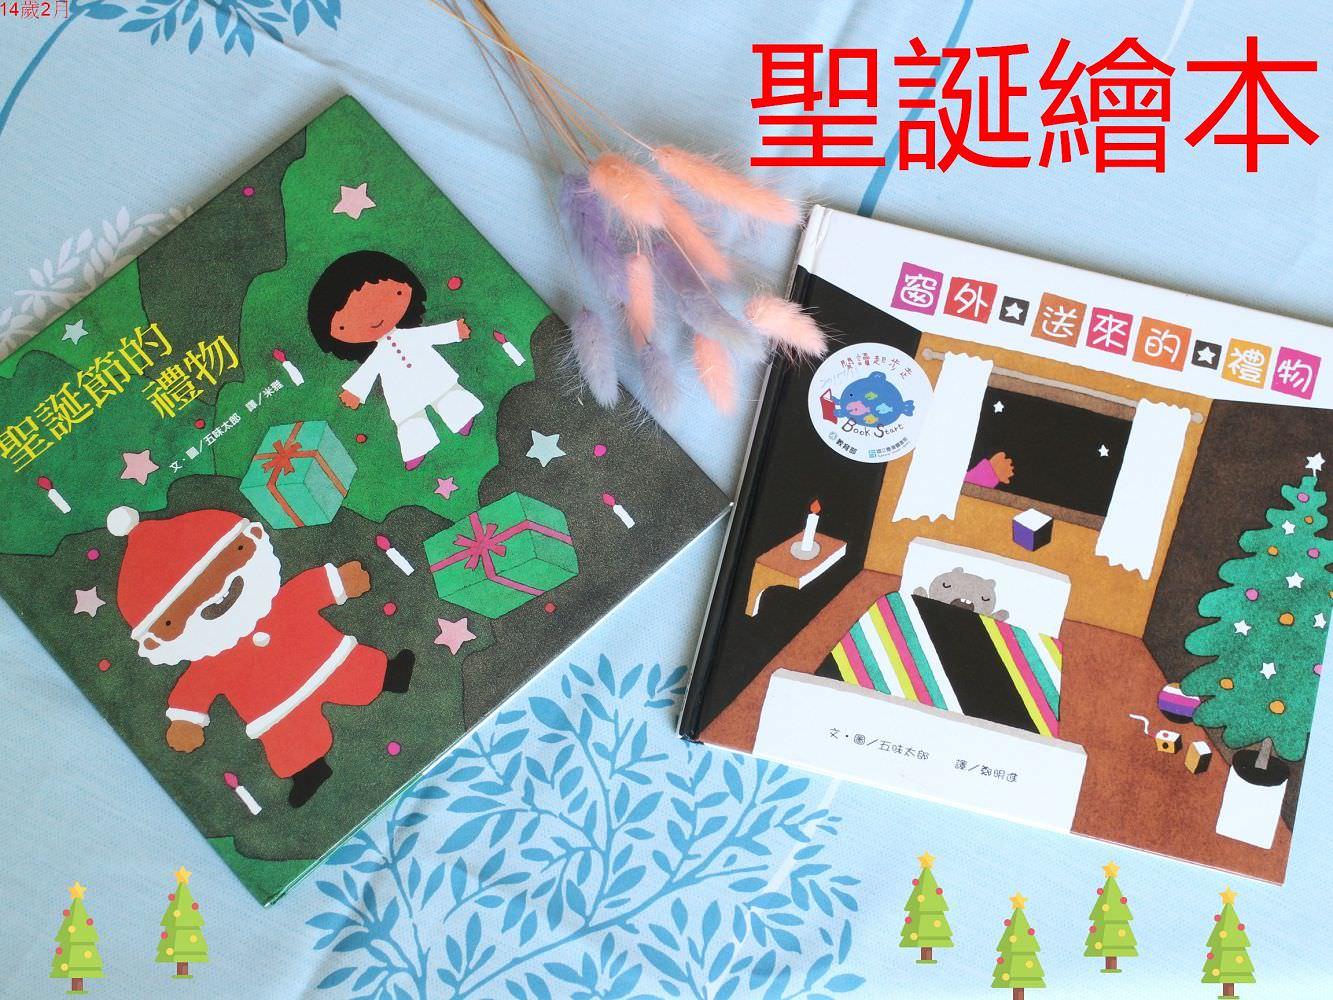 繪本︱親子共讀:窗外送來的禮物、聖誕節的禮物,絕對吸引孩子的聖誕繪本